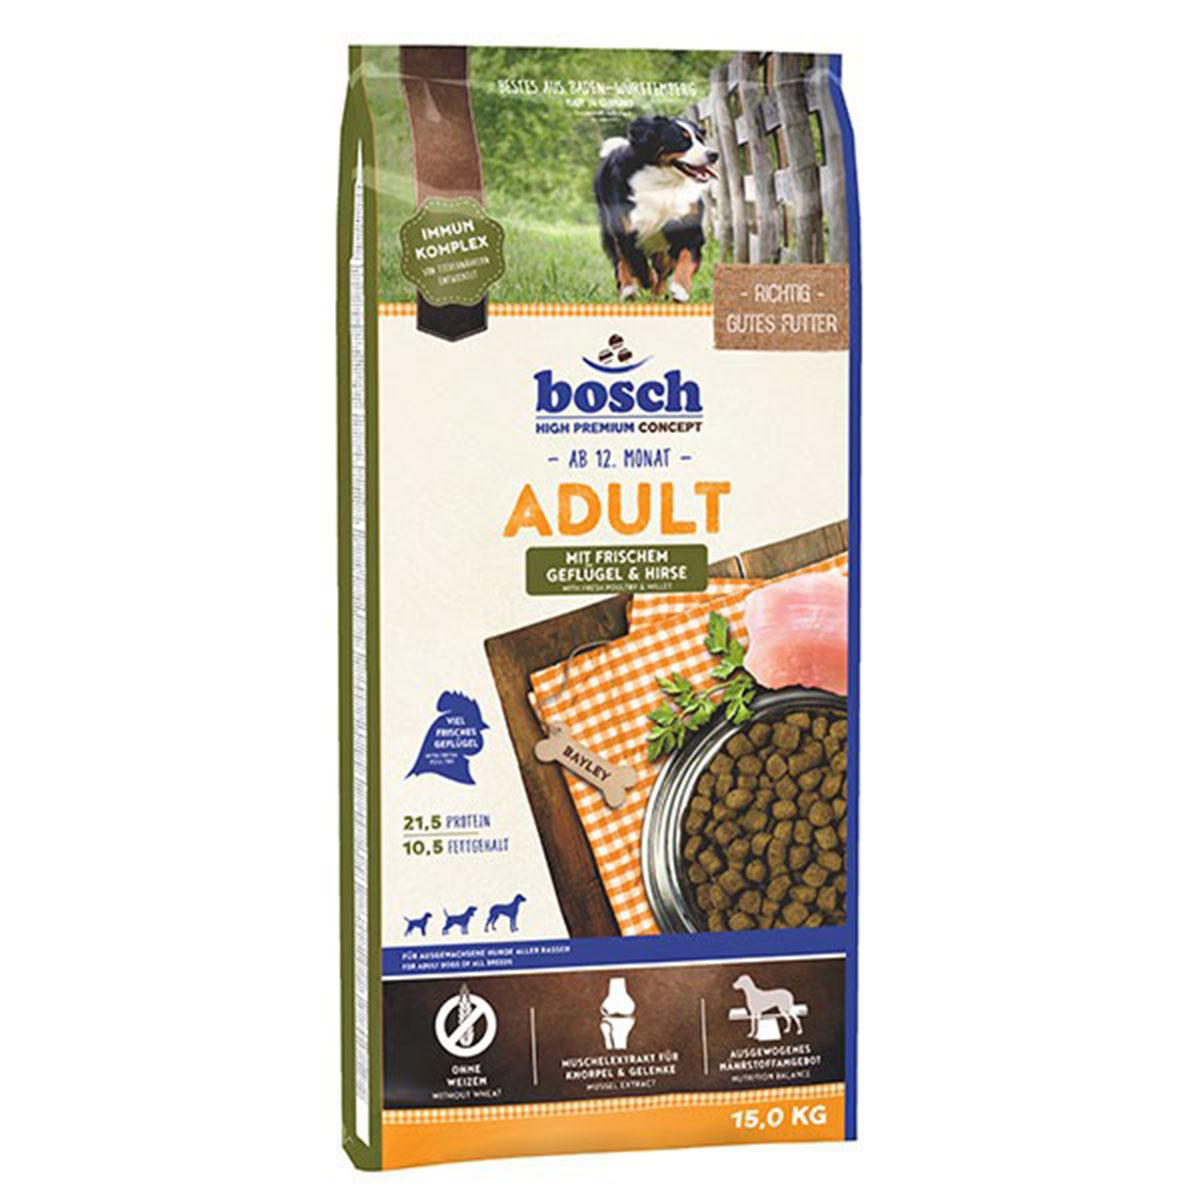 Bosch Hundefutter Adult Geflügel & Hirse 15kg